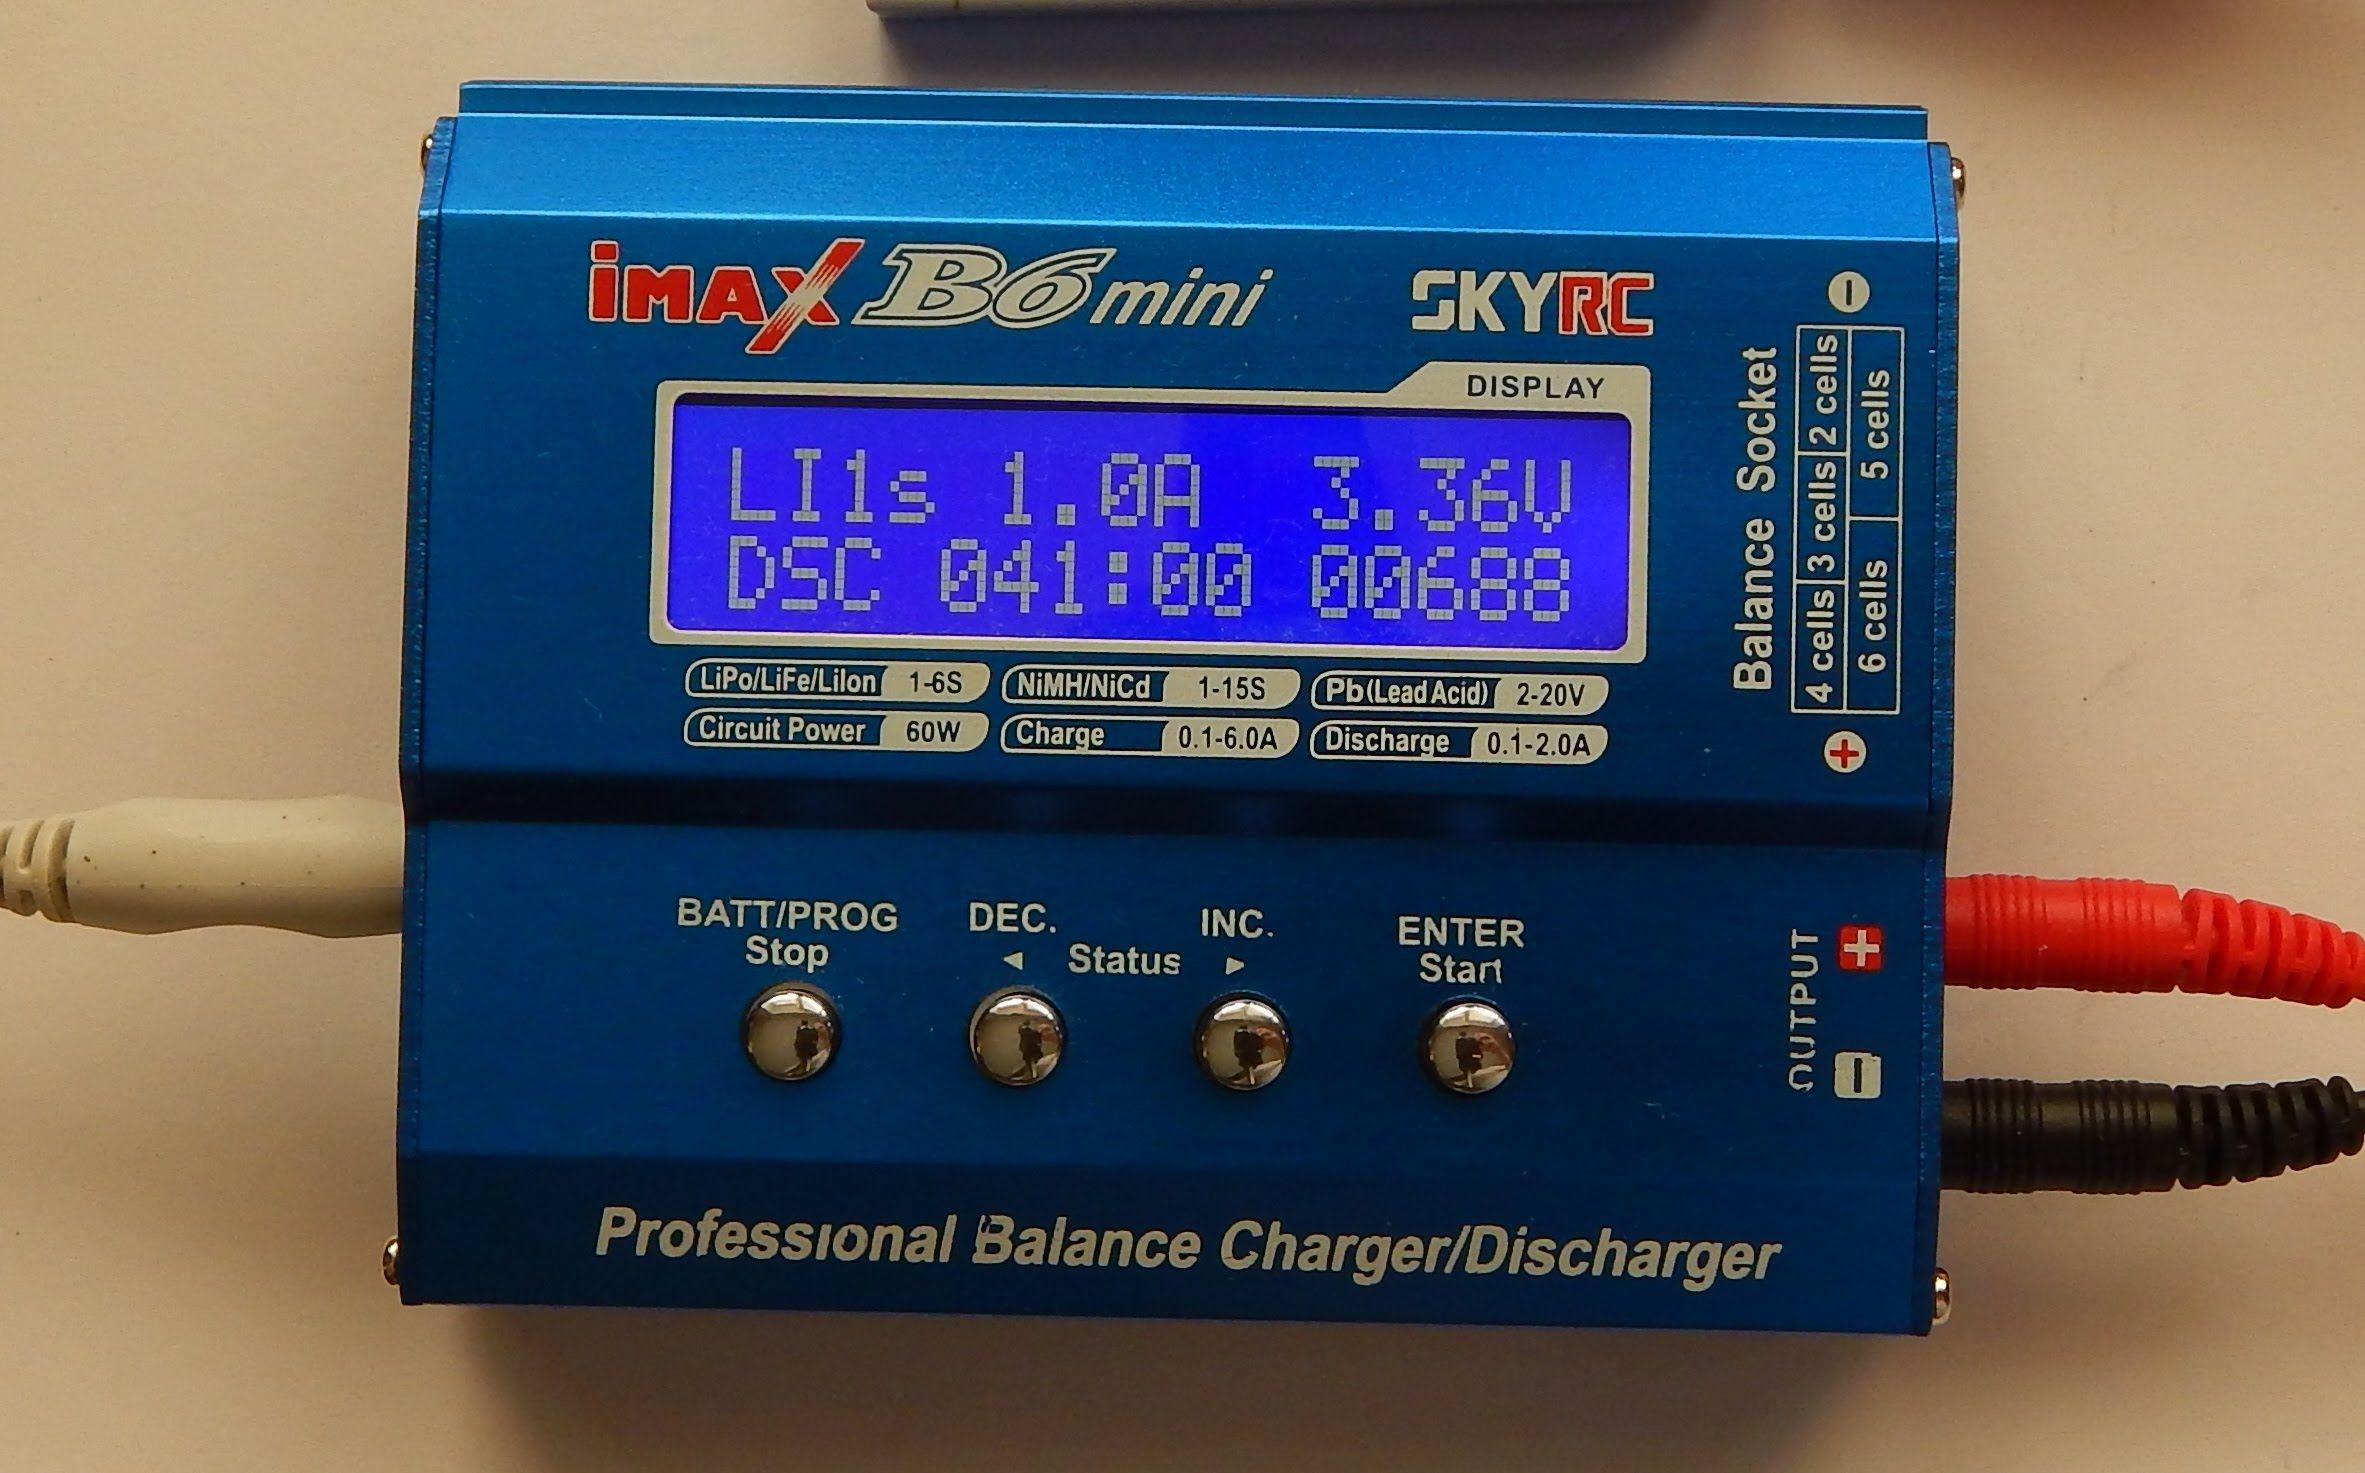 Одним из преимуществ зарядного устройства Skyrc imax b6 является возможность листать меню при помощи кнопок на передней панели. У этого устройства, кстати, очень много различных настроек, которые пользователь может менять по своему желанию для удобного эксплуатирования прибора.